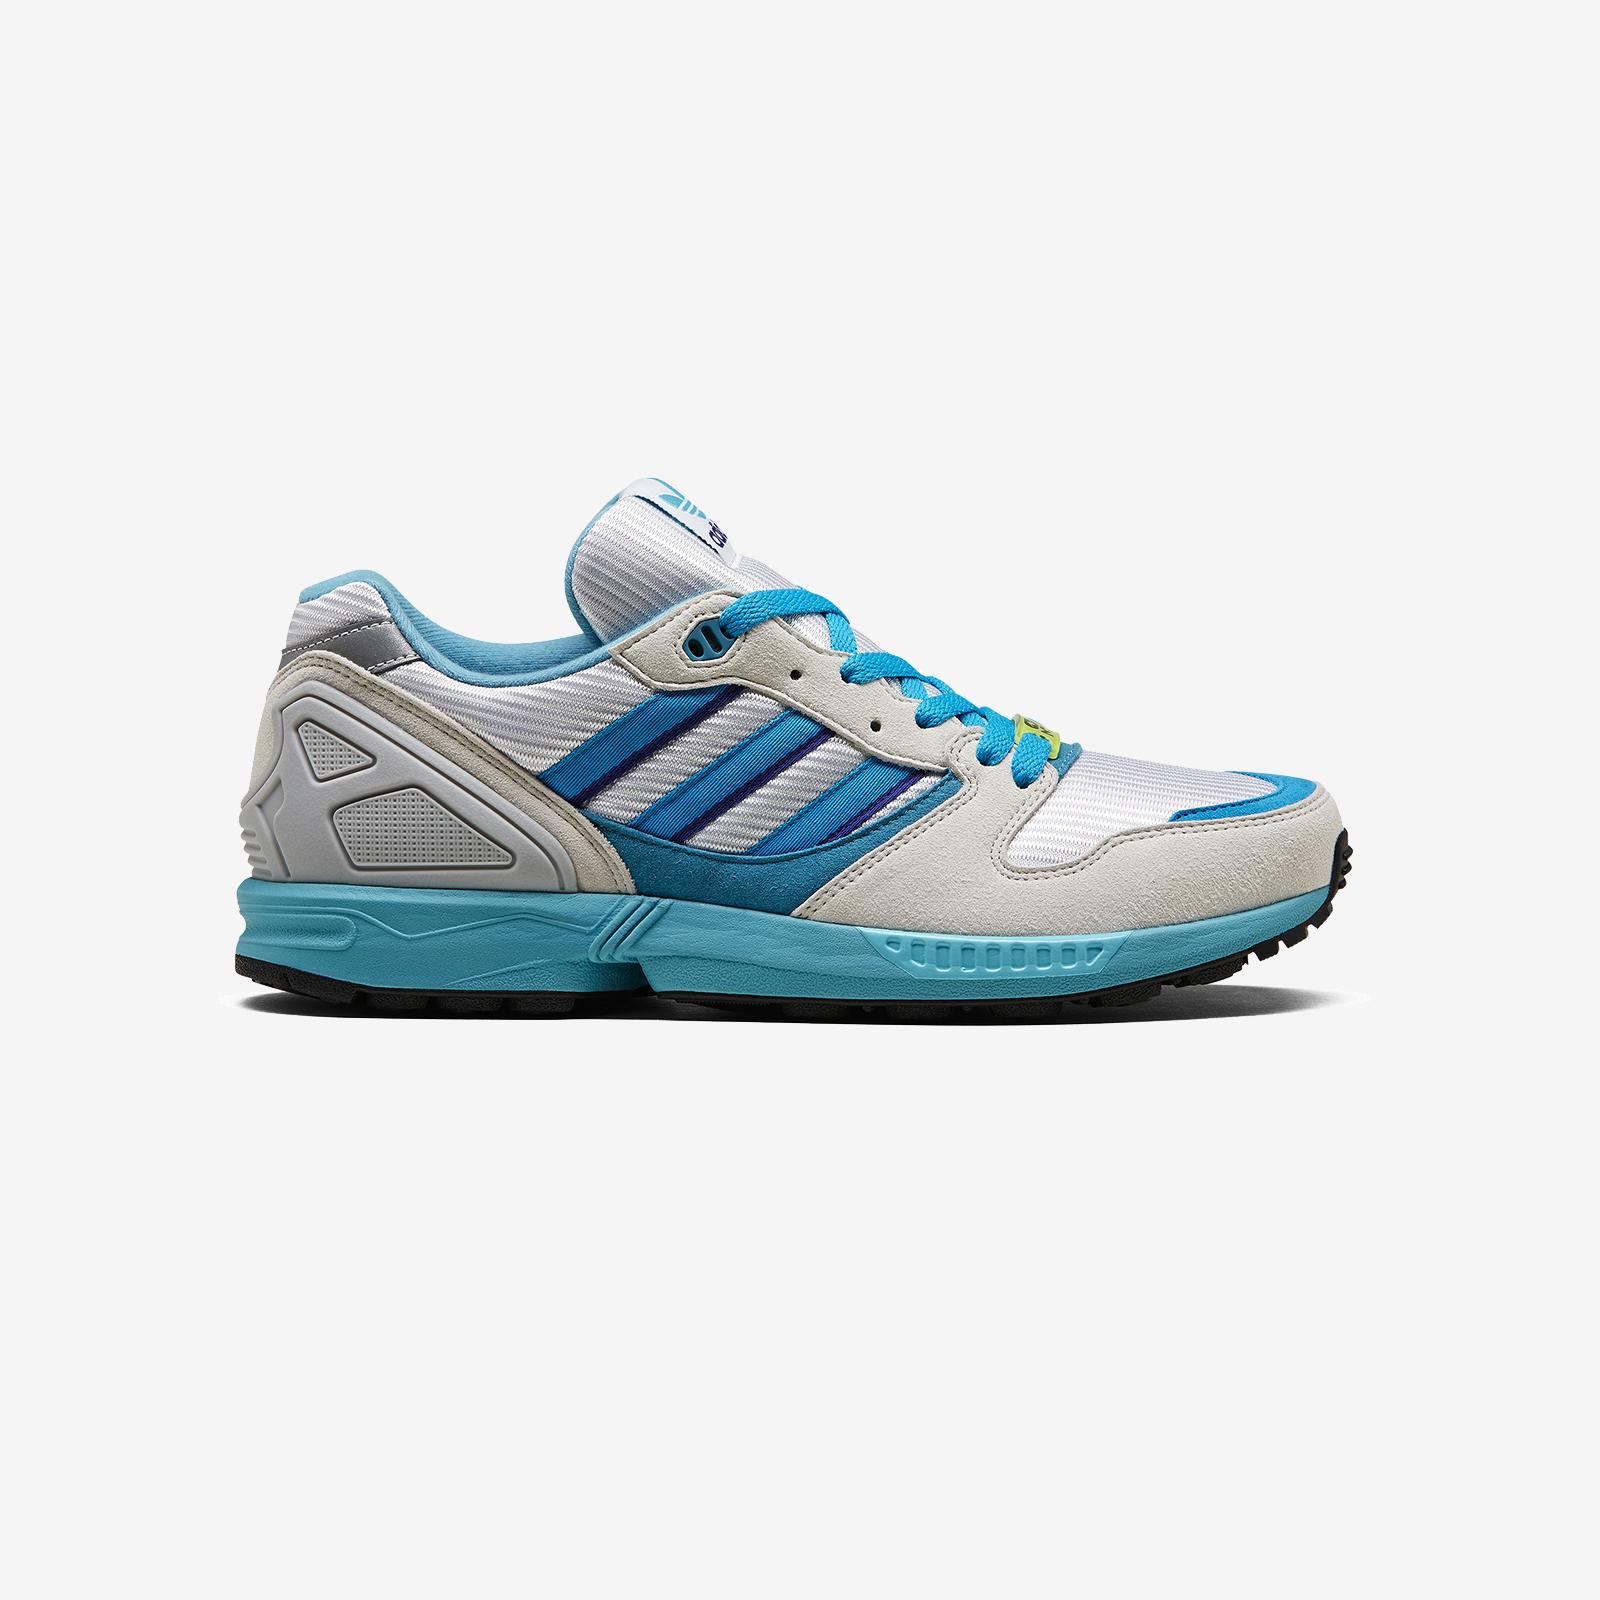 adidas ZX 5000 Fu8406 Sneakersnstuff | sneakers